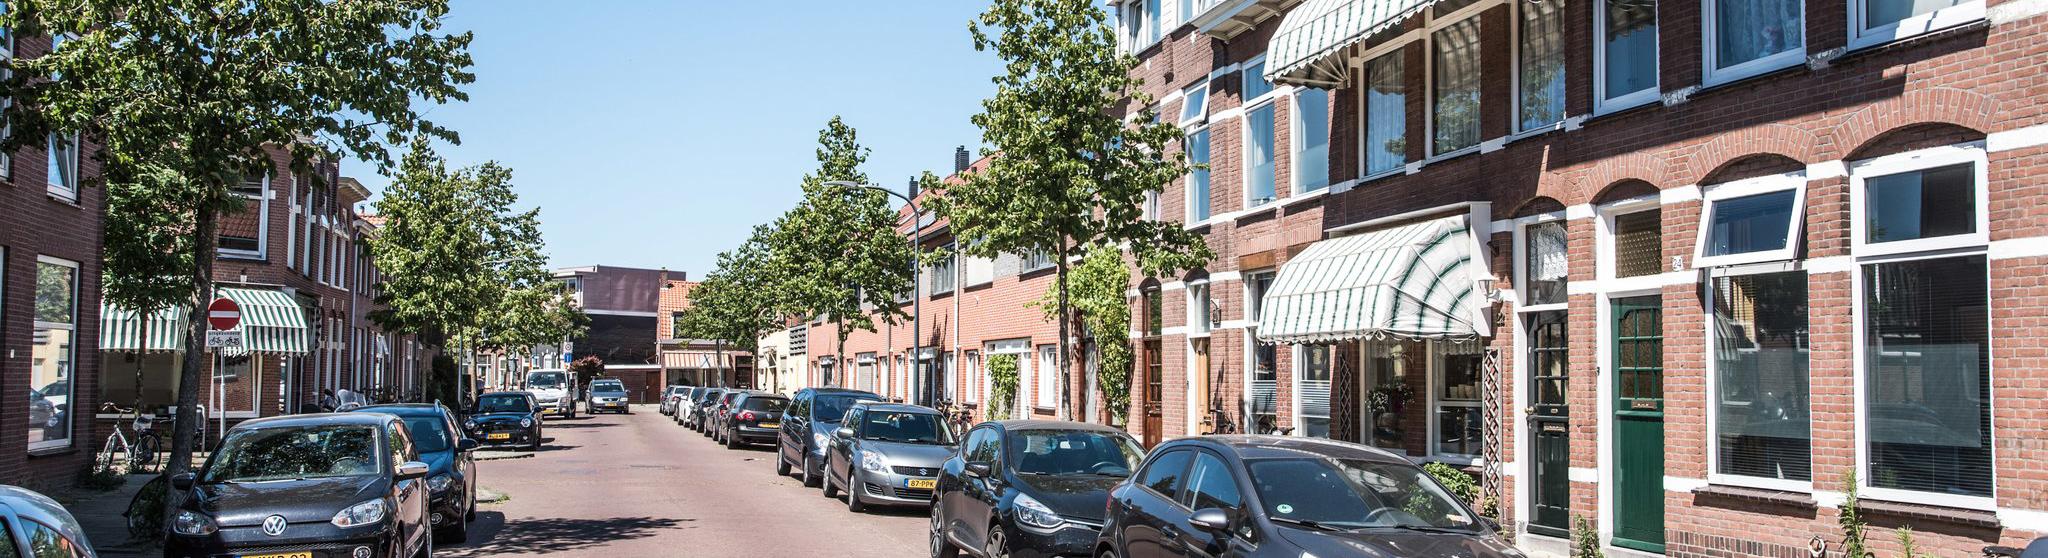 Amsterdamsebuurt-Haarlem-Buurtinformatie